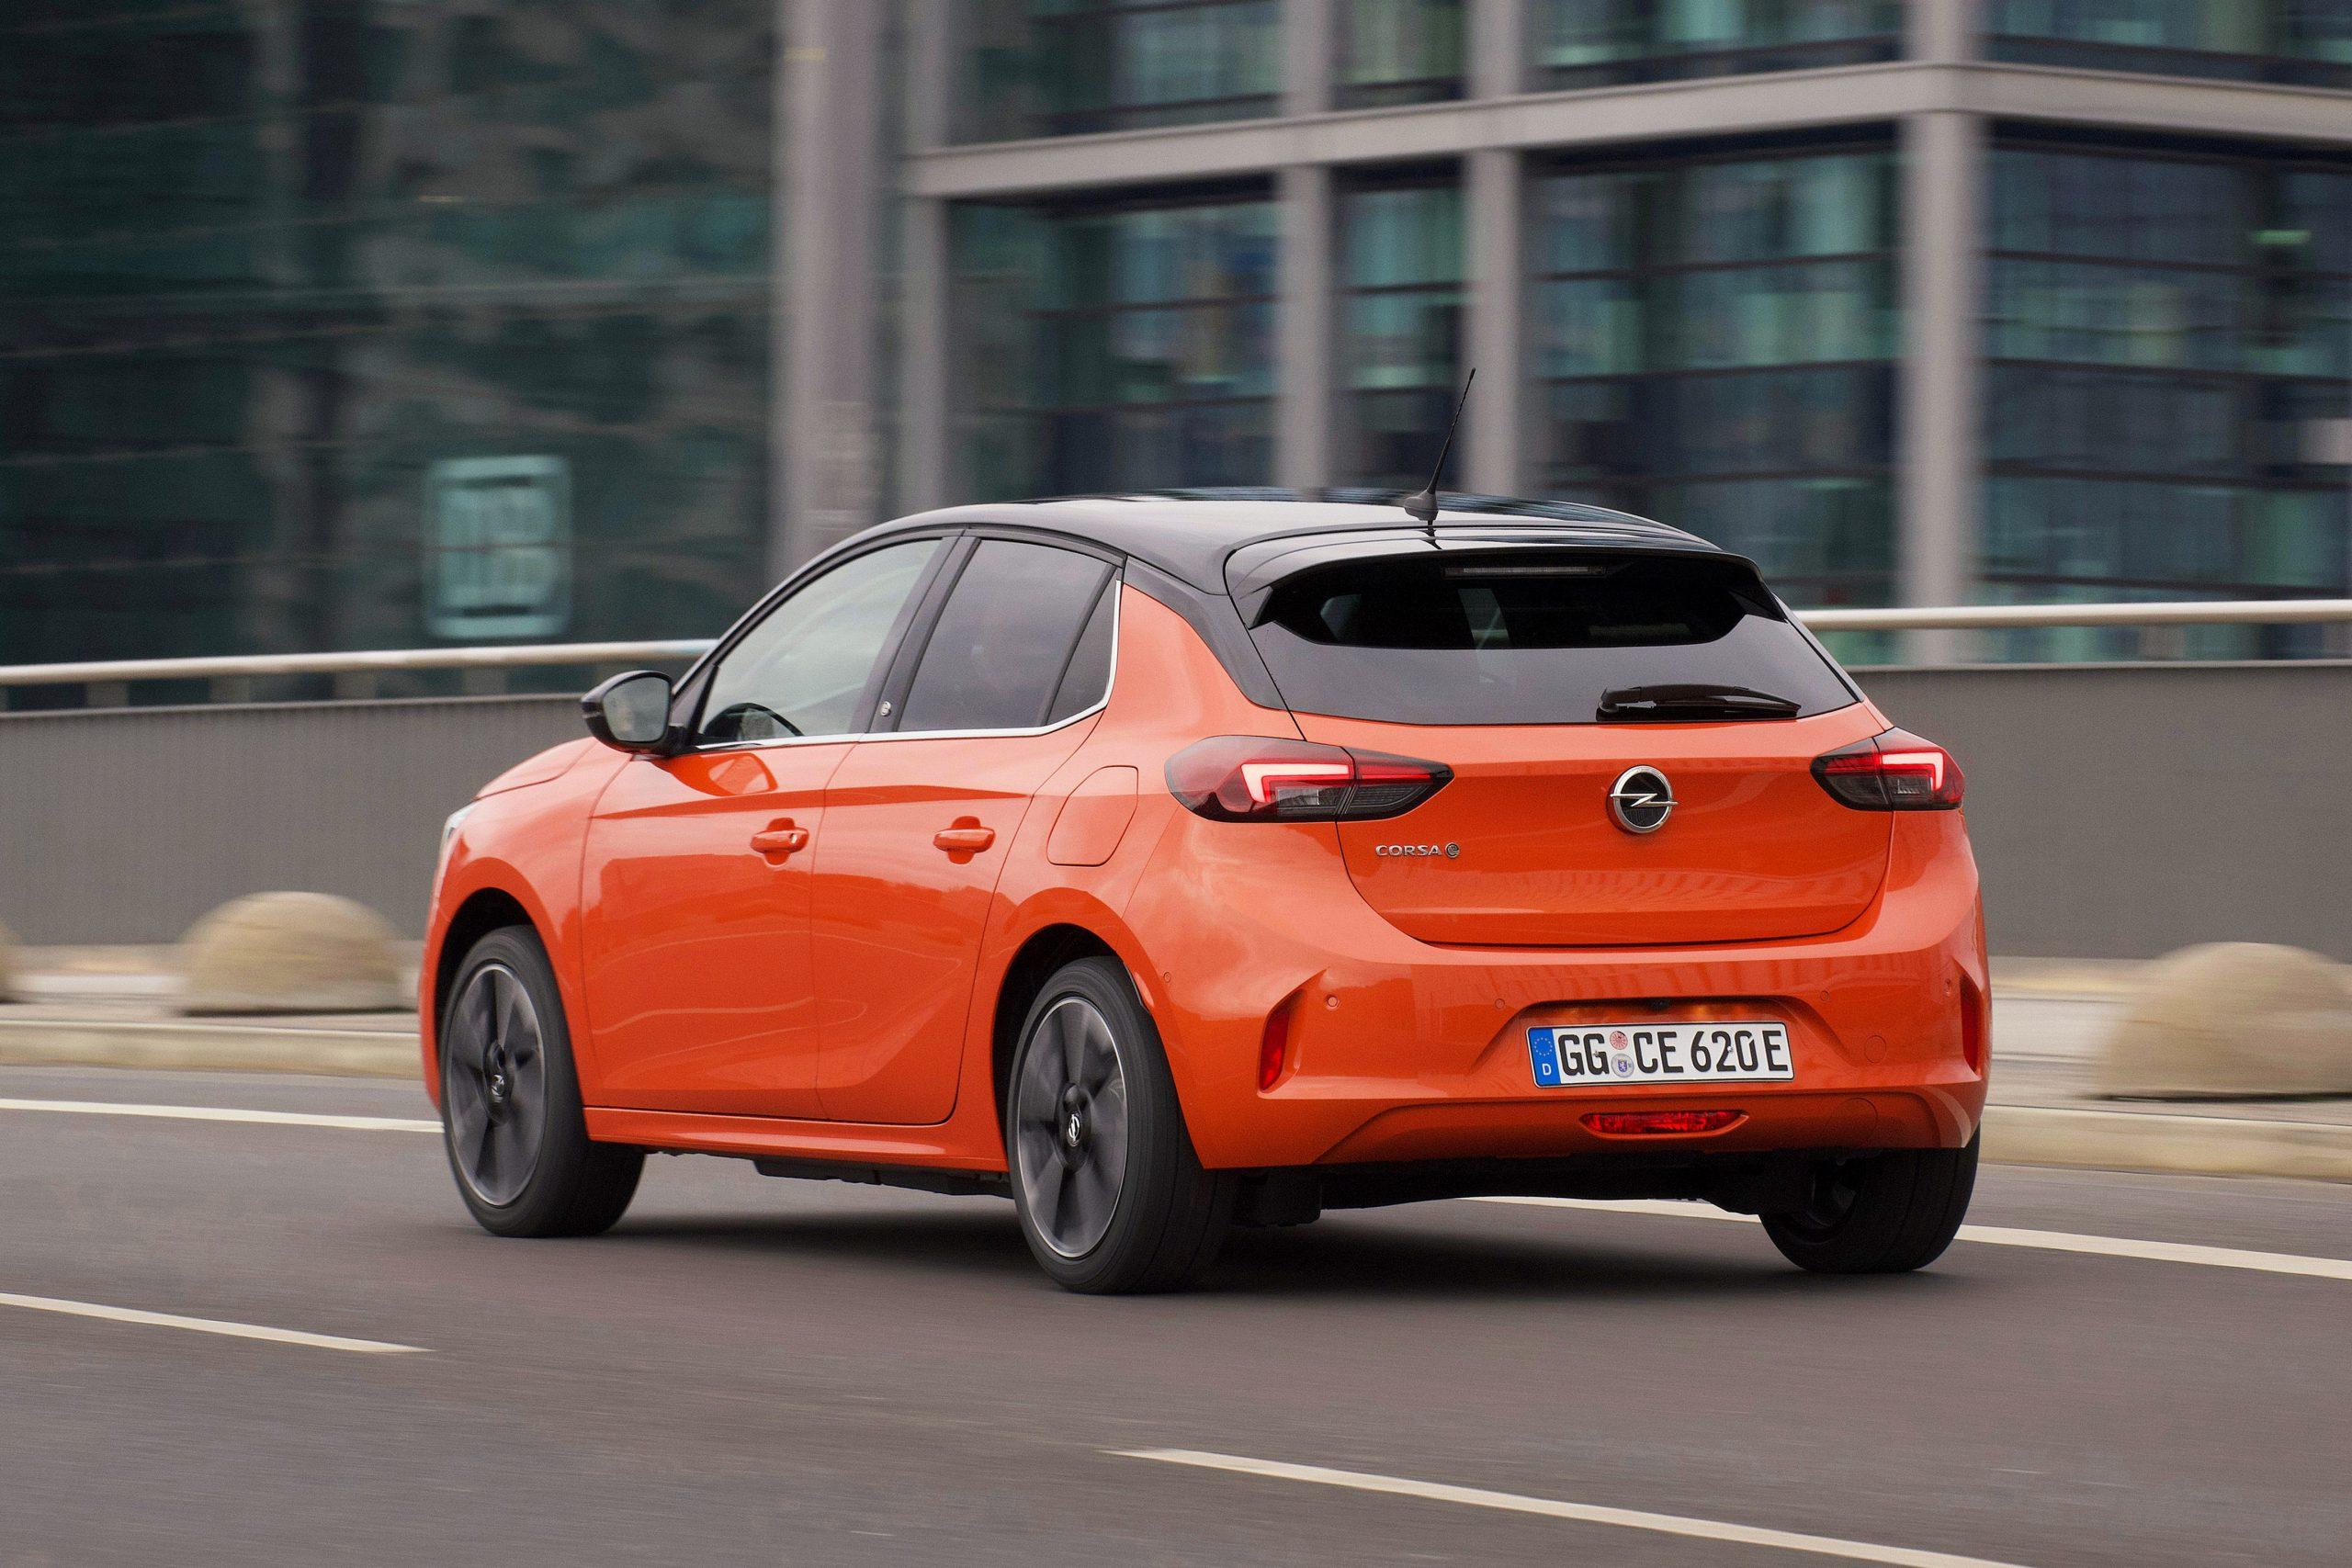 Opel Corsa popularizează electromobilitatea. Cu ajutorul celei de-a șasea generații complet noi de autovehicule Corsa, Opel oferă în premieră o versiune electrică pe baterie cu o autonomie de până la 337 km